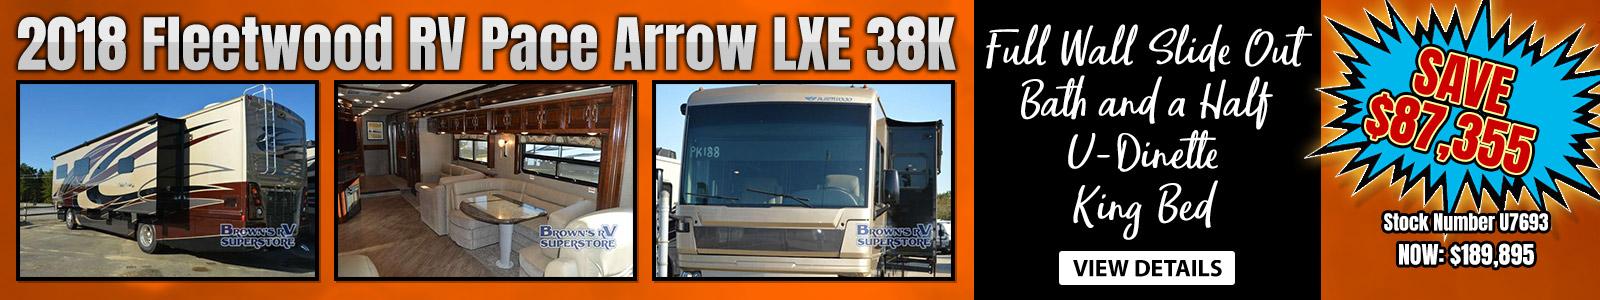 2018 FLEETWOOD RV PACE ARROW LXE 38K Banner